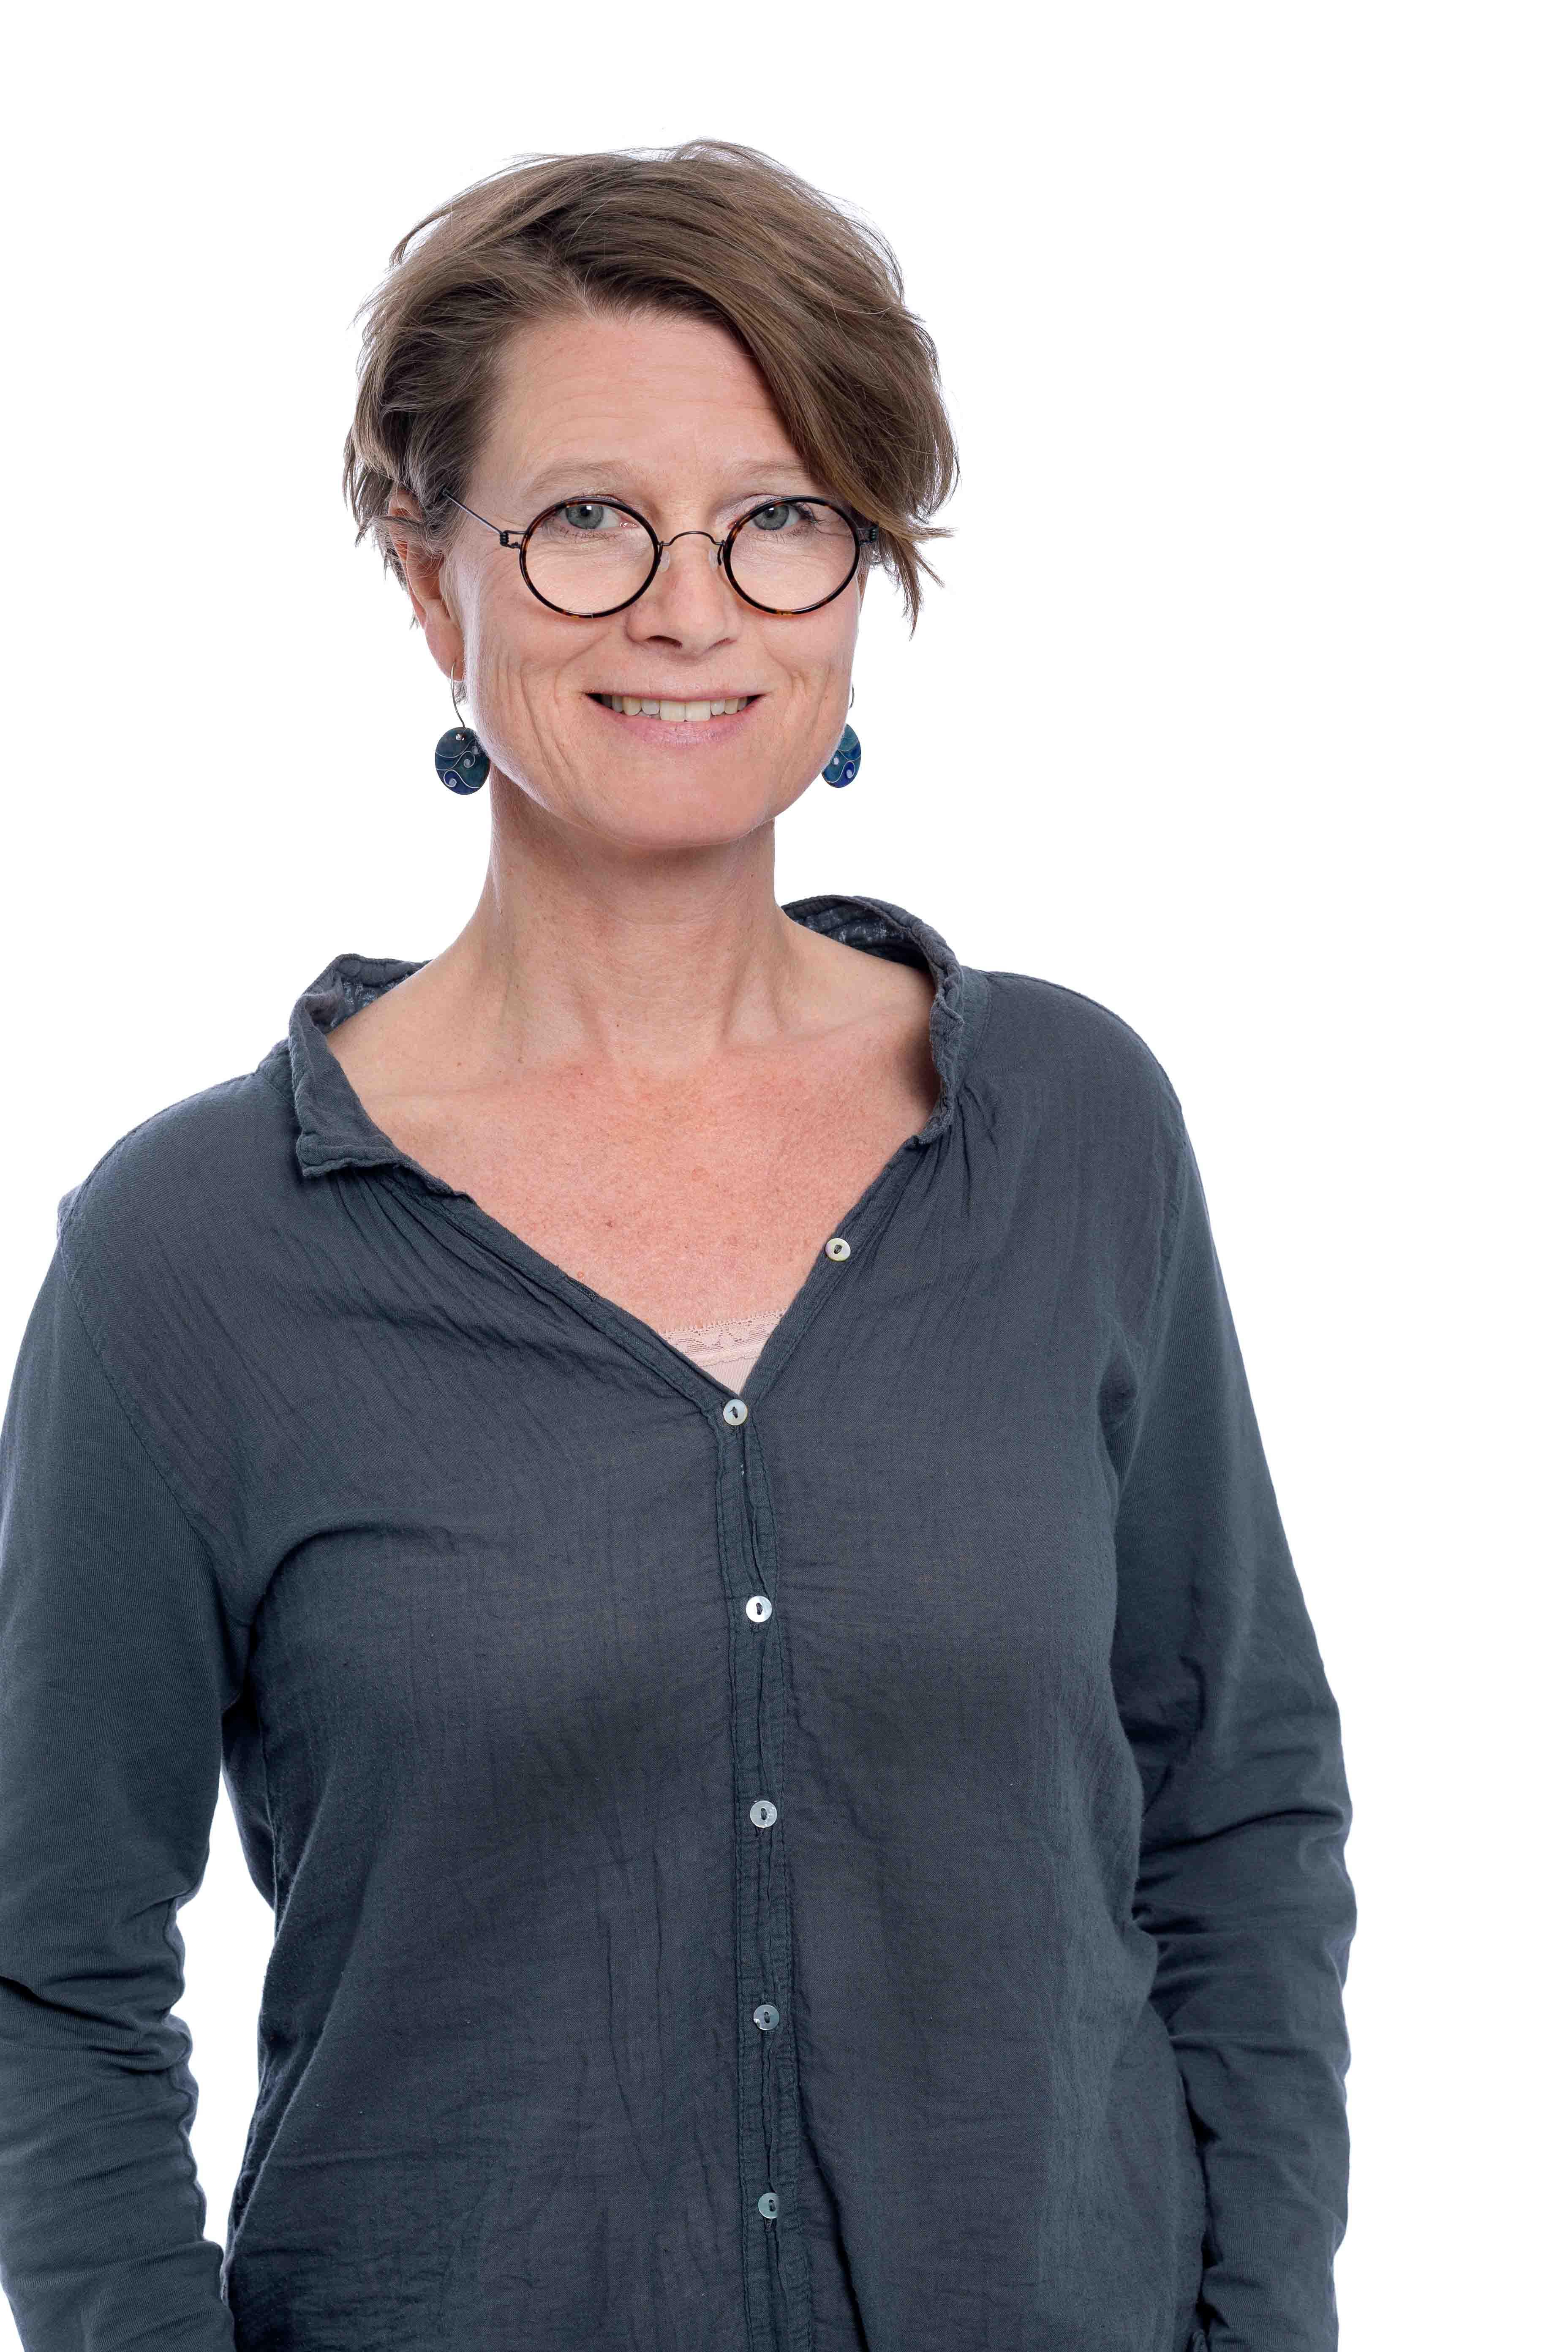 Satsning på kollektivtrafikforskning! Christina Scholten är ny forskningsledare på K2.